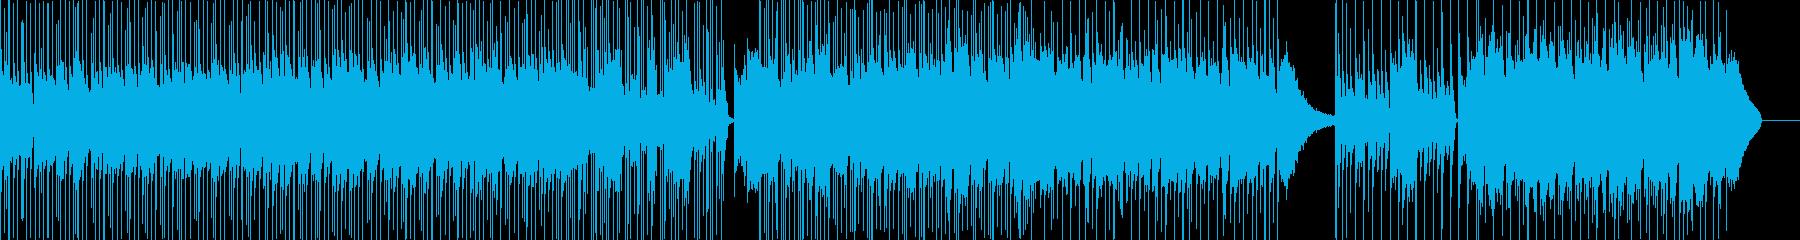 キャッチーなベースライン、グルービ...の再生済みの波形